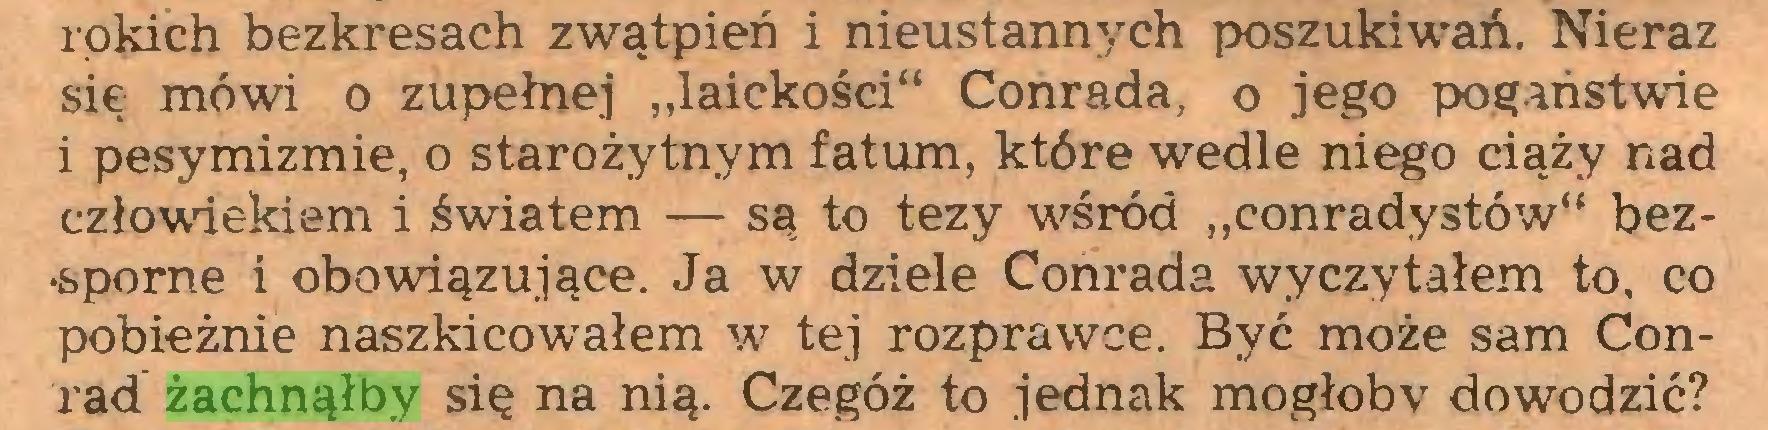 """(...) rokich bezkresach zwątpień i nieustannych poszukiwań. Nieraz się mówi o zupełnej """"laickości"""" Conrada, o jego pogaństwie i pesymizmie, o starożytnym fatum, które wedle niego ciąży nad człowiekiem i światem — są to tezy w^śród """"conradystów"""" bez•sporne i obowiązujące. Ja w dziele Conrada wyczytałem to, co pobieżnie naszkicowałem w tej rozprawce. Być może sam Conrad żachnąłby się na nią. Czegóż to jednak mogłoby dowodzić?..."""